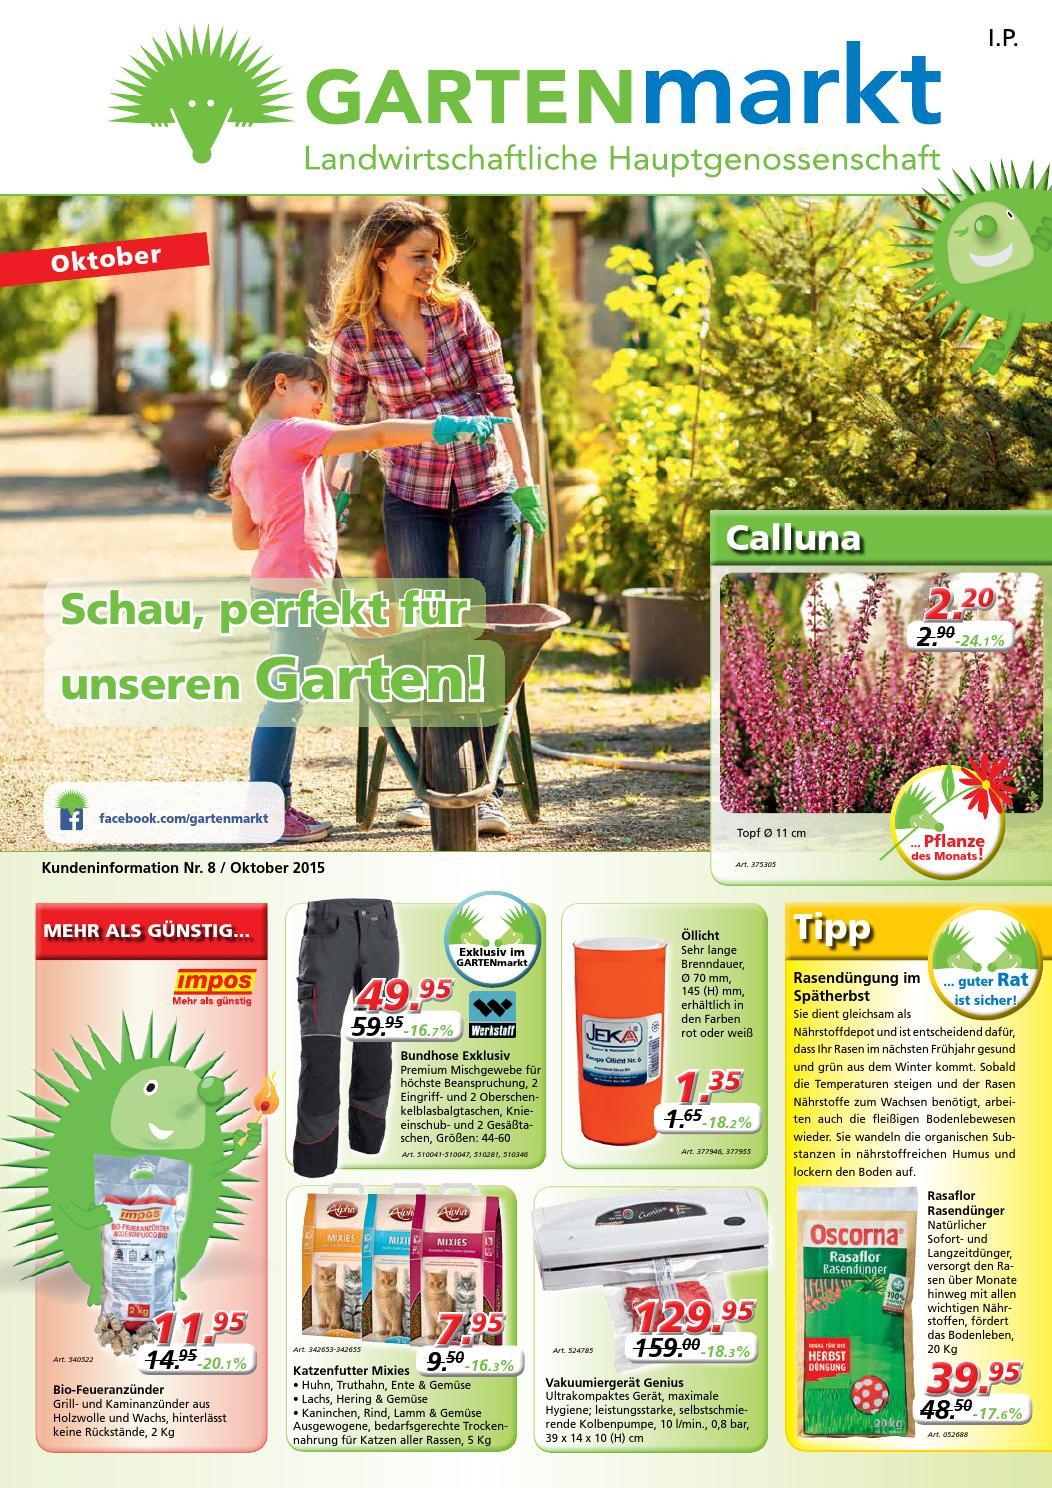 GARTENmarkt Faltblatt Oktober 2015 by GARTENmarkt - issuu